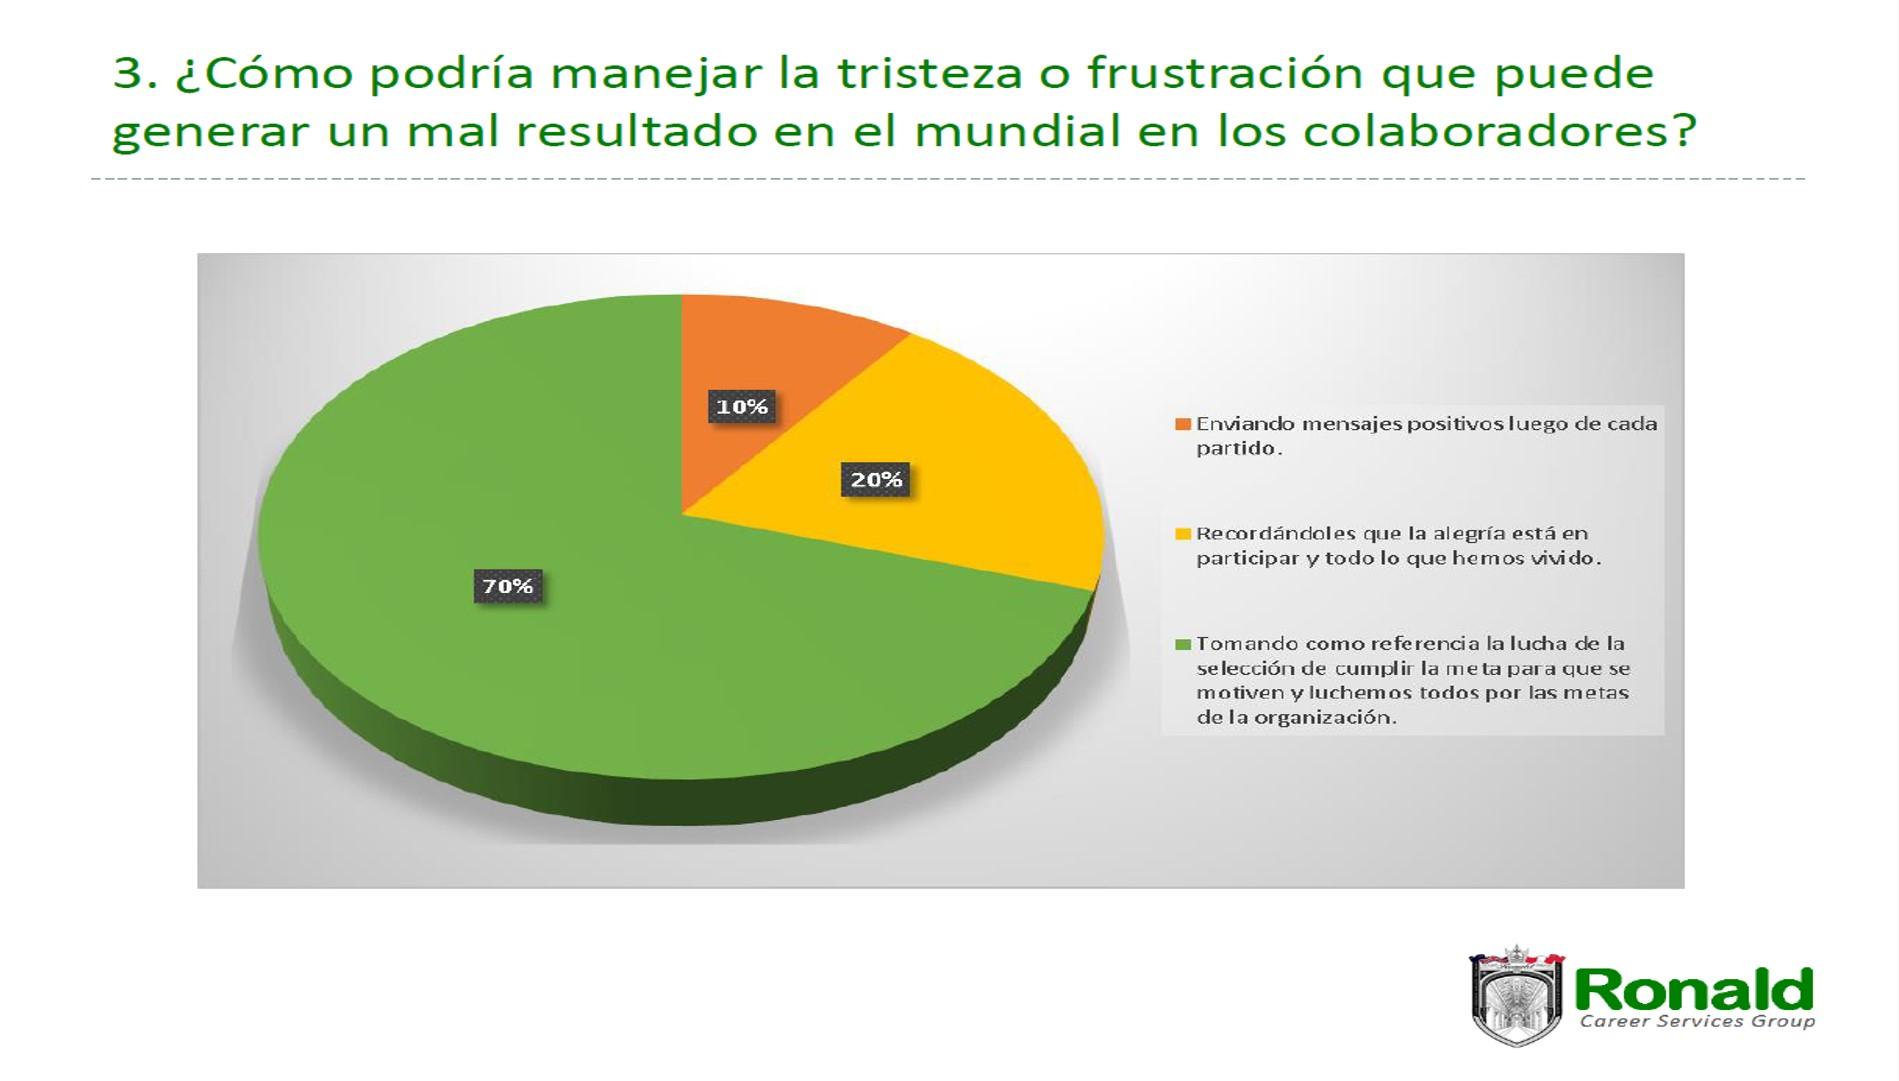 Ronald Career Services Group elaboró una encuesta entre ejecutivos de mandos medios y altos.